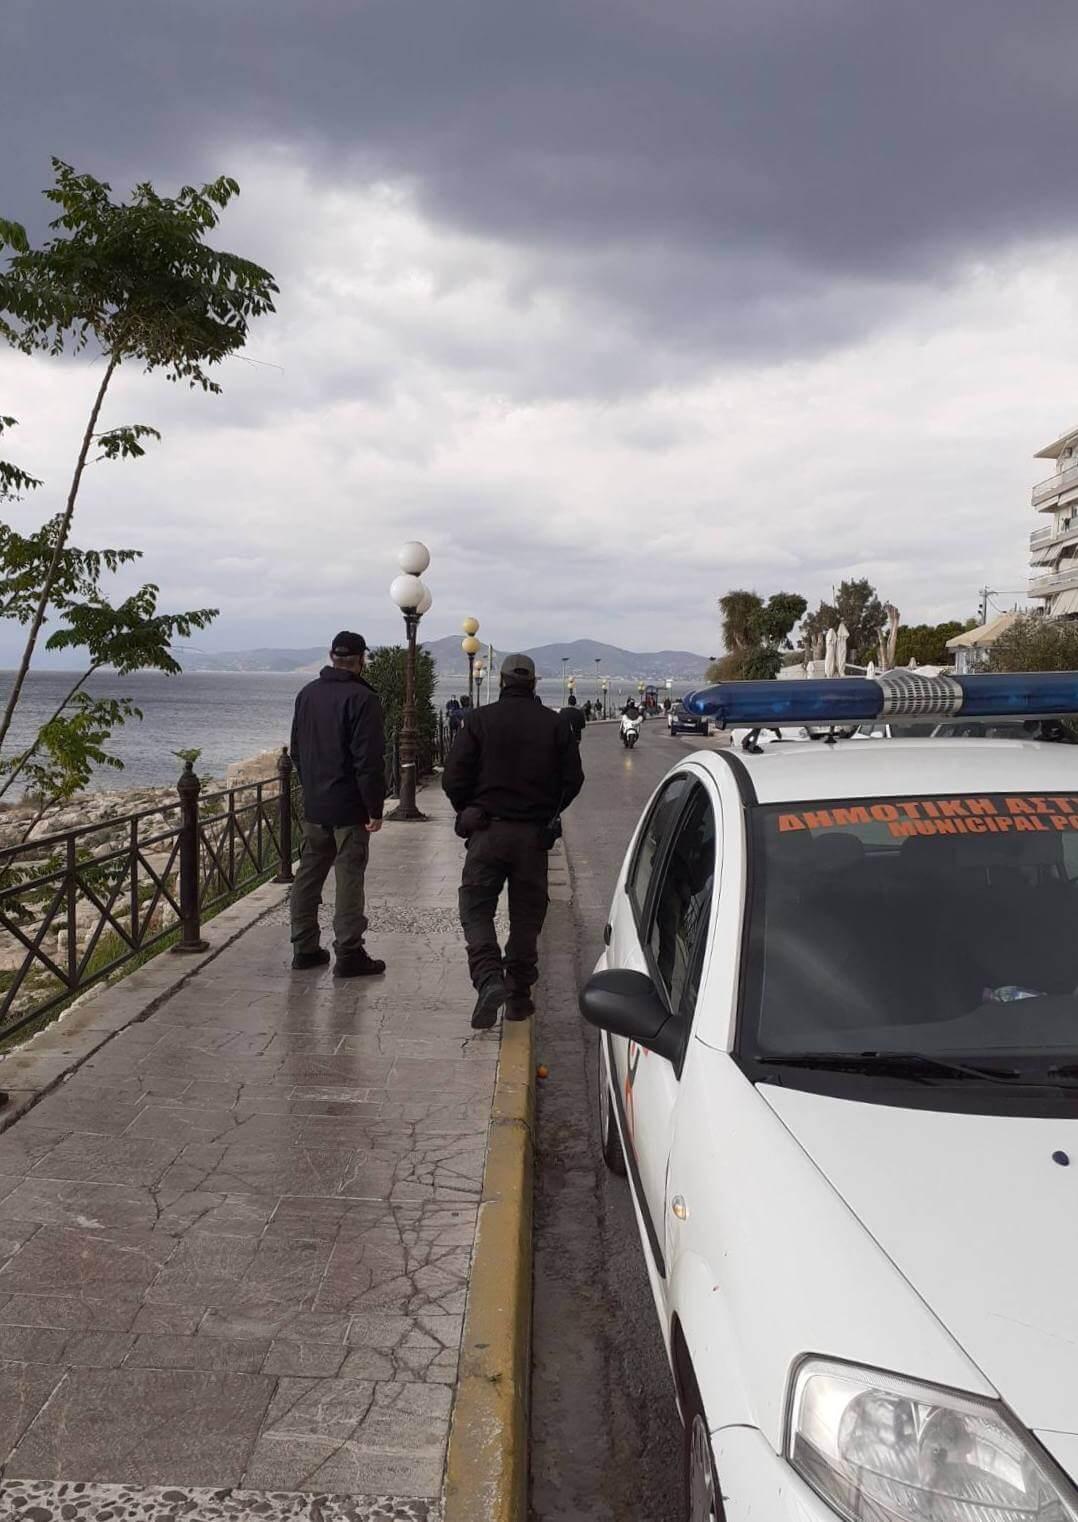 Πειραιάς : Συνεχίζονται με αμείωτους ρυθμούς οι έλεγχοι στην πόλη από τη Δημοτική Αστυνομία